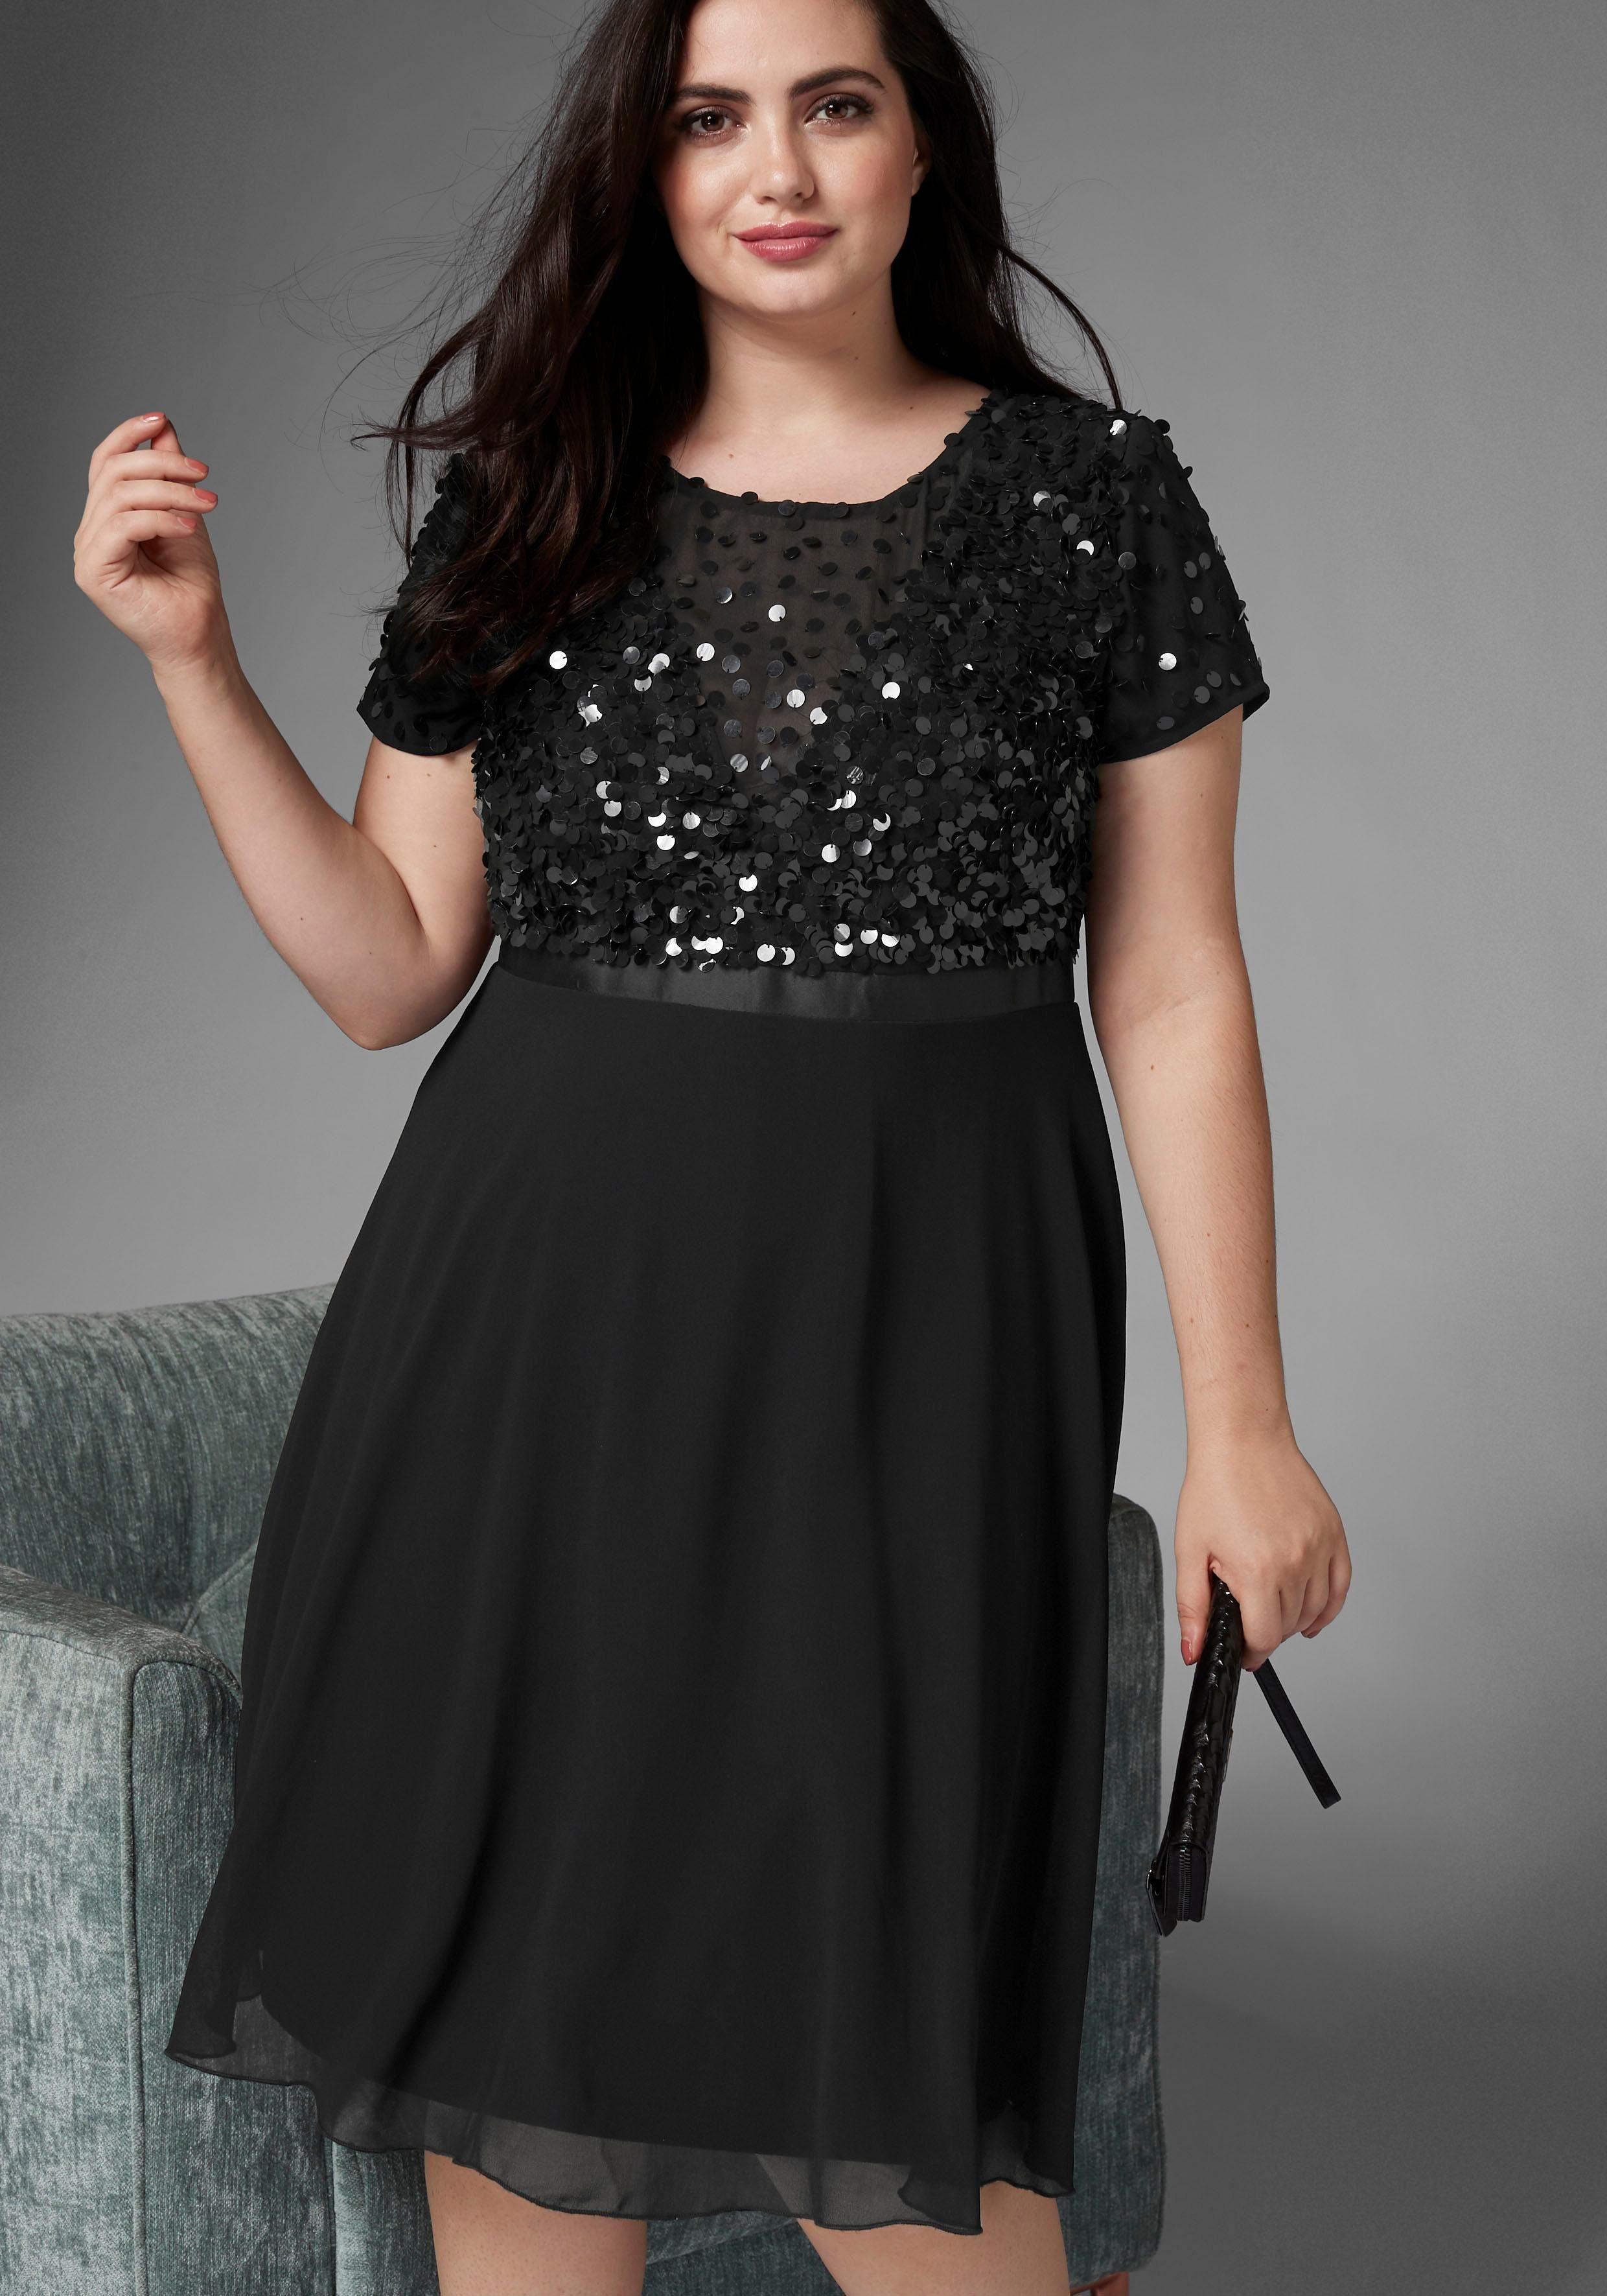 GMK Curvy Collection A-Linien-Kleid mit glitzernden Pailetten